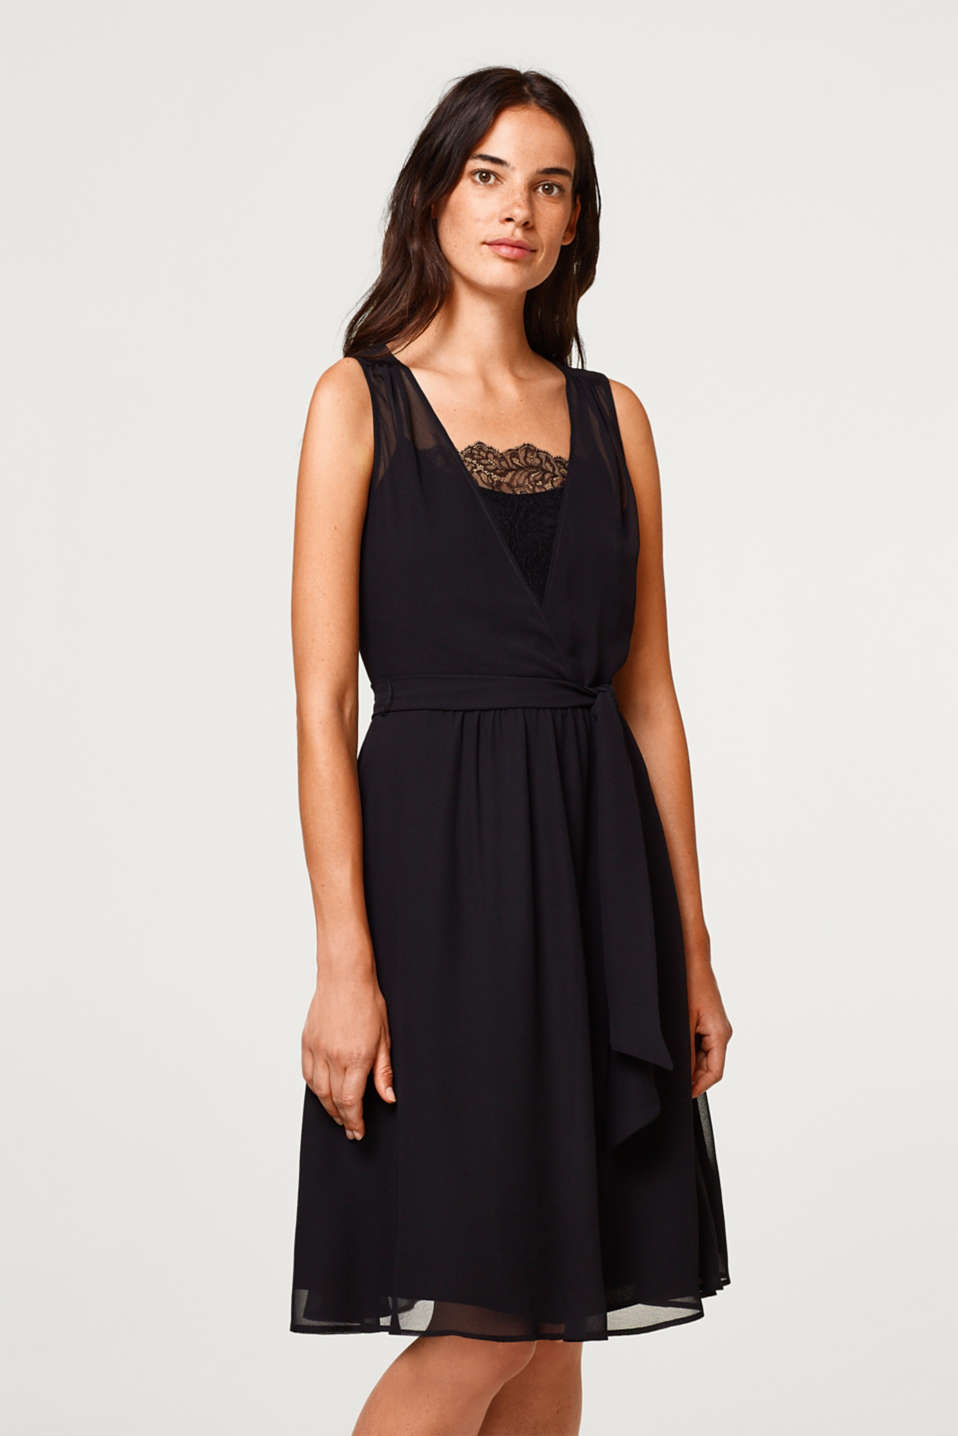 Esprit - Chiffon-Kleid mit Spitzen-Top im Online Shop kaufen